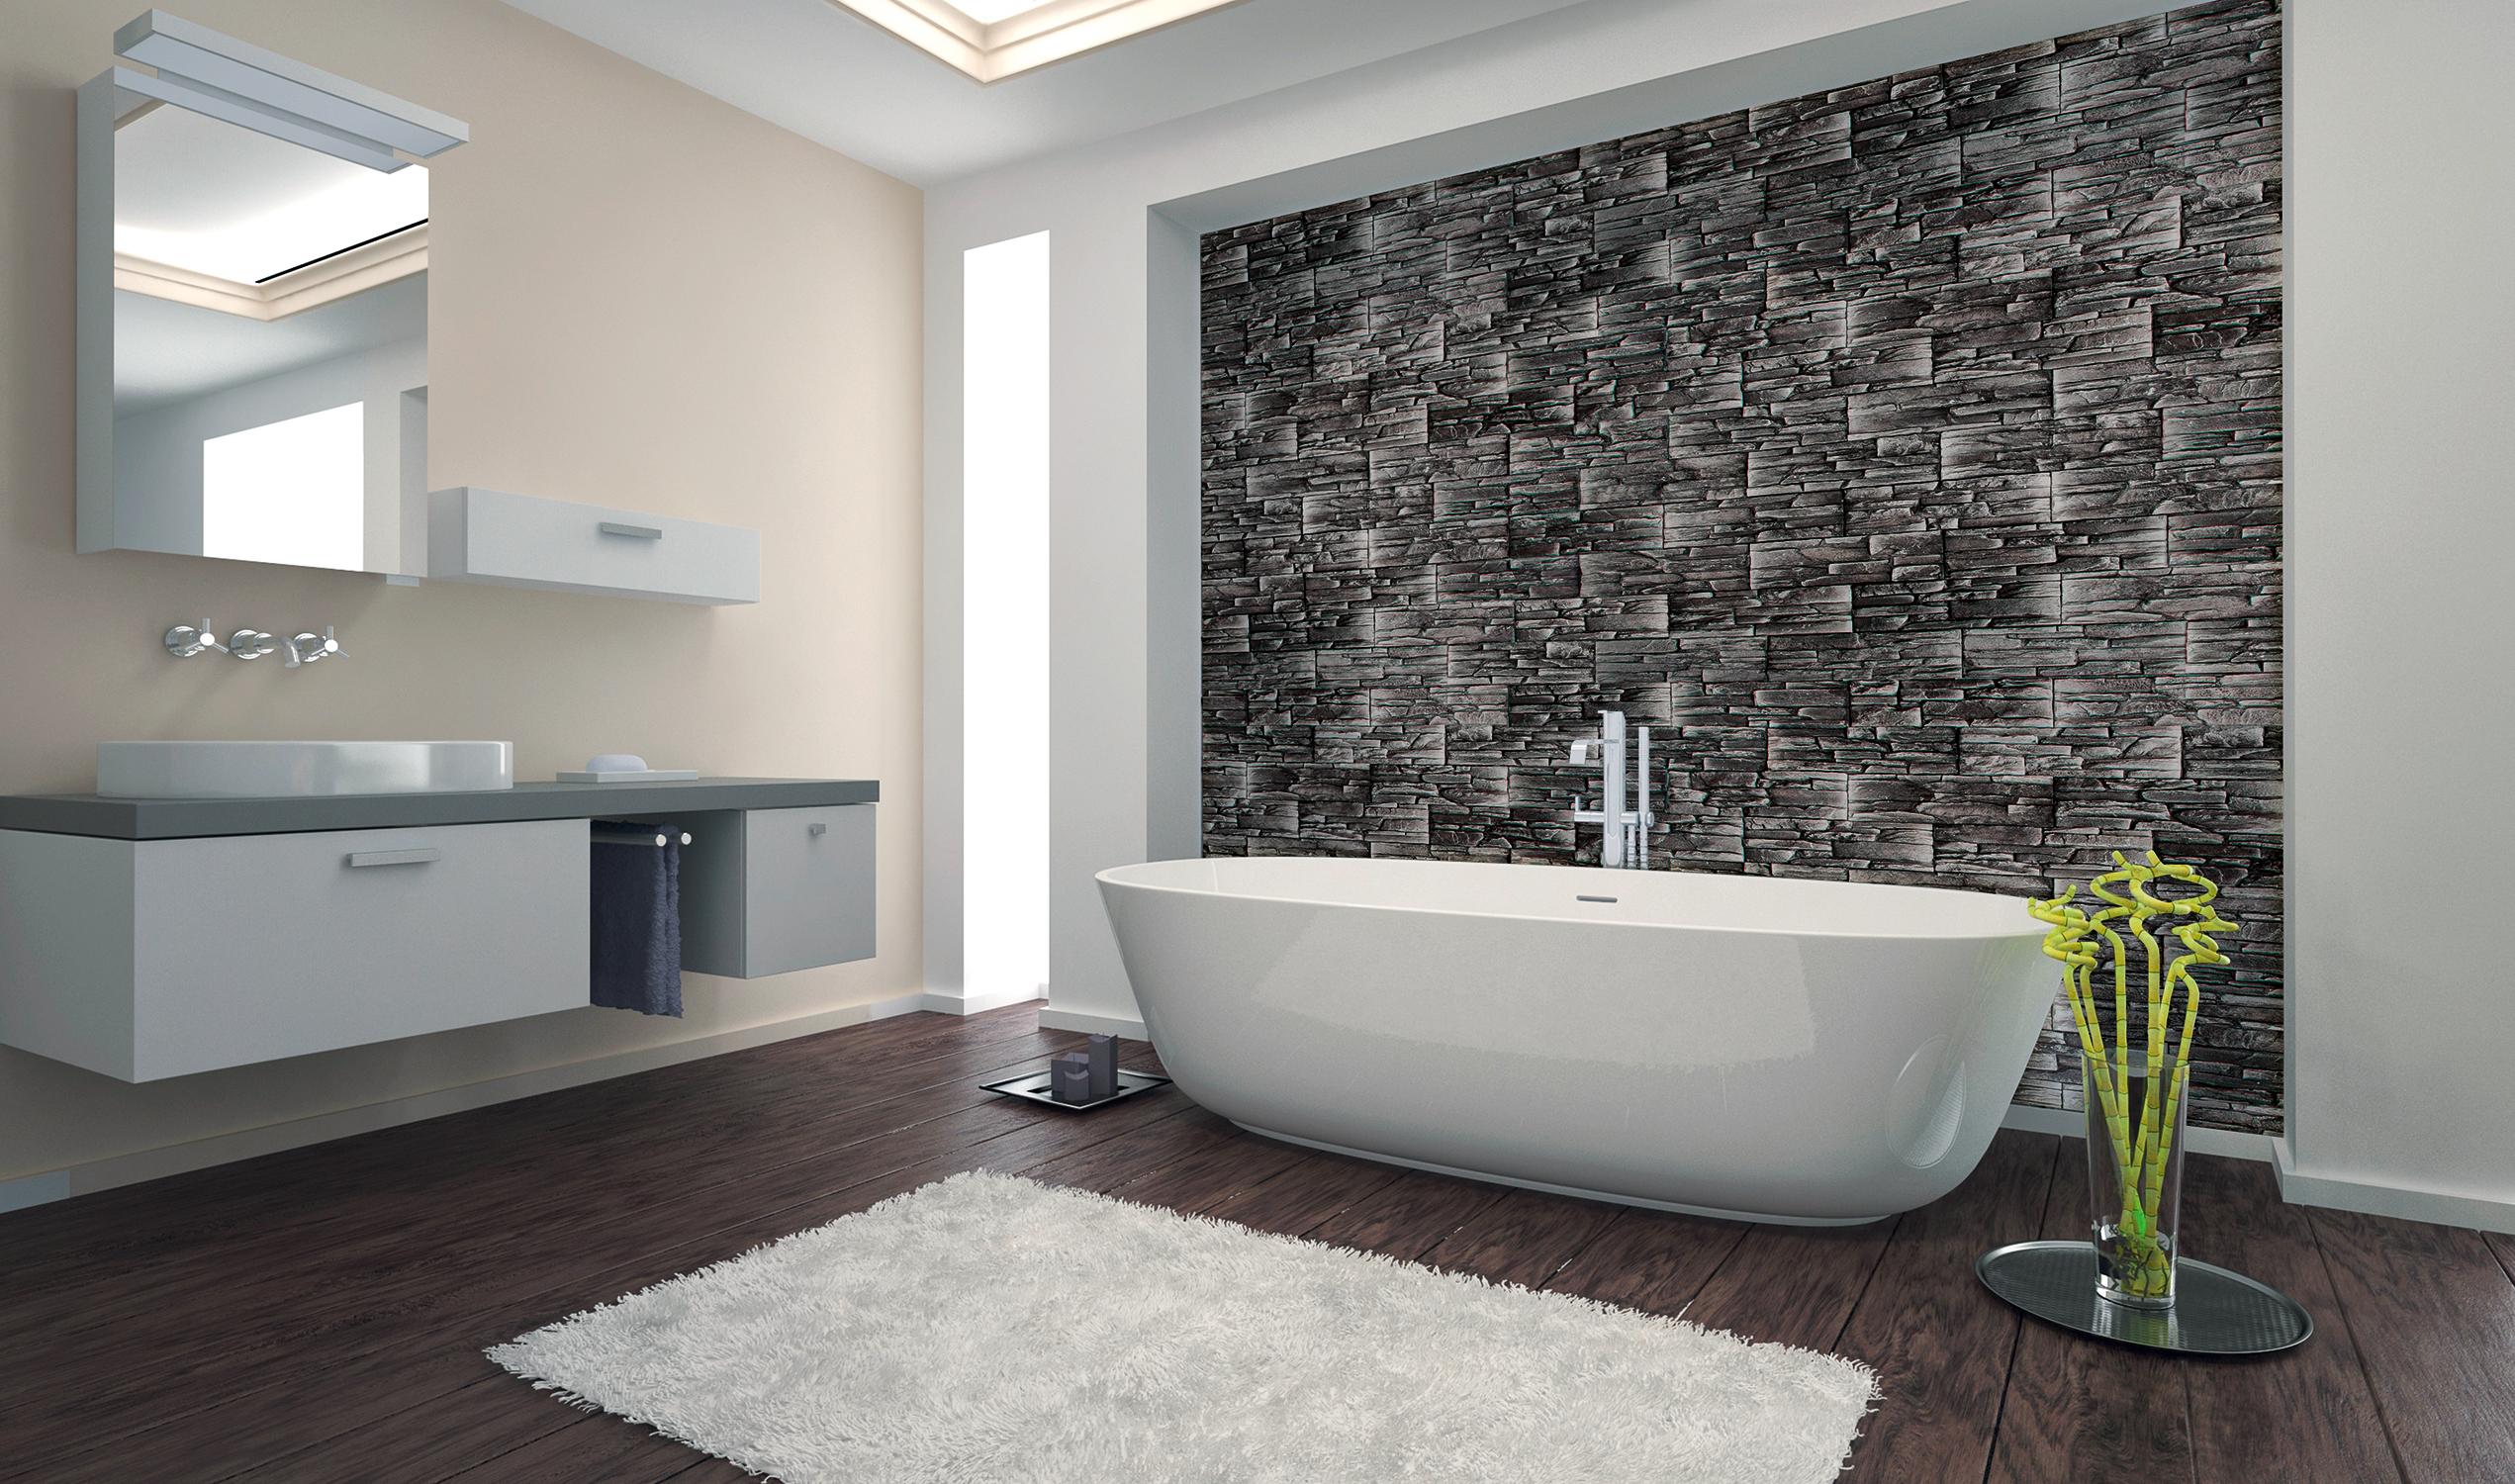 Die Wandverkleidung Sootblack Anthrazit Auf Leichtbetonbasis Vereint Die Naturliche Optik Einer Gemauerten Na Badezimmer Badezimmer Fussboden Wohnung Badezimmer